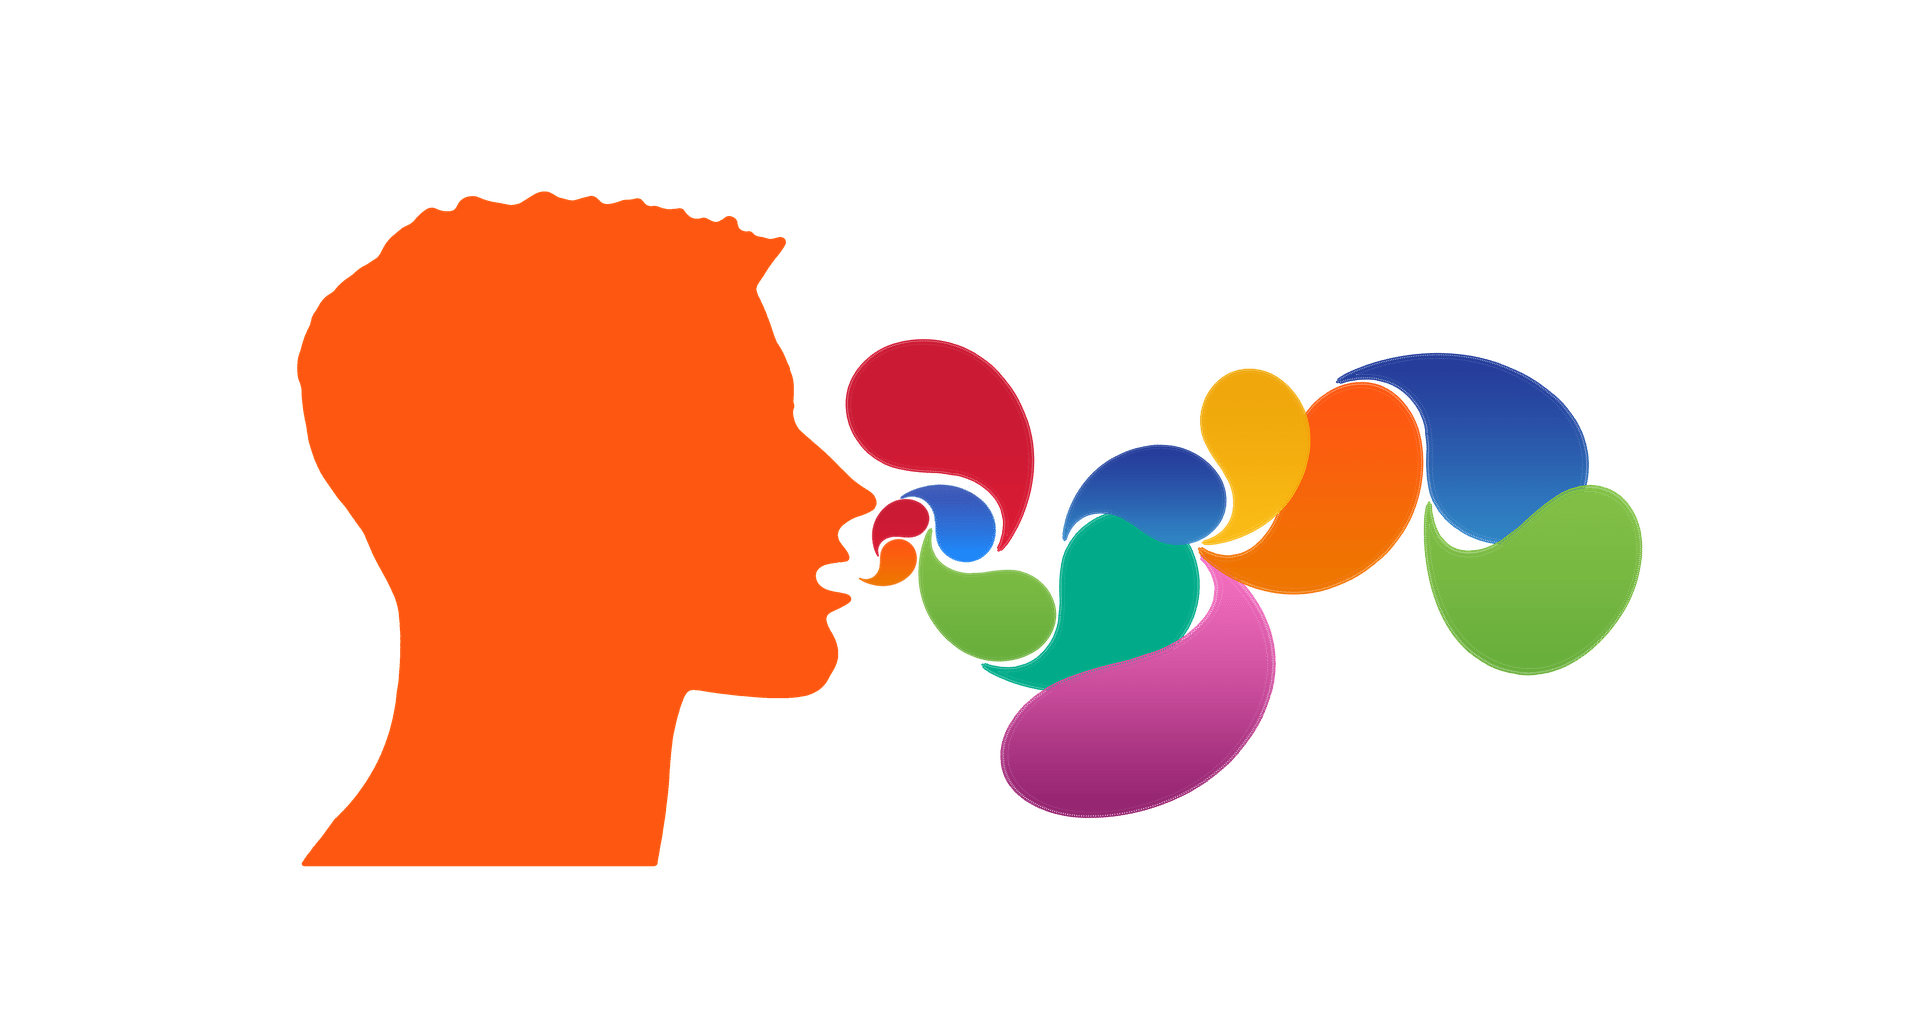 Entrenar la voz para hablar. Educar la voz para hablar mejor